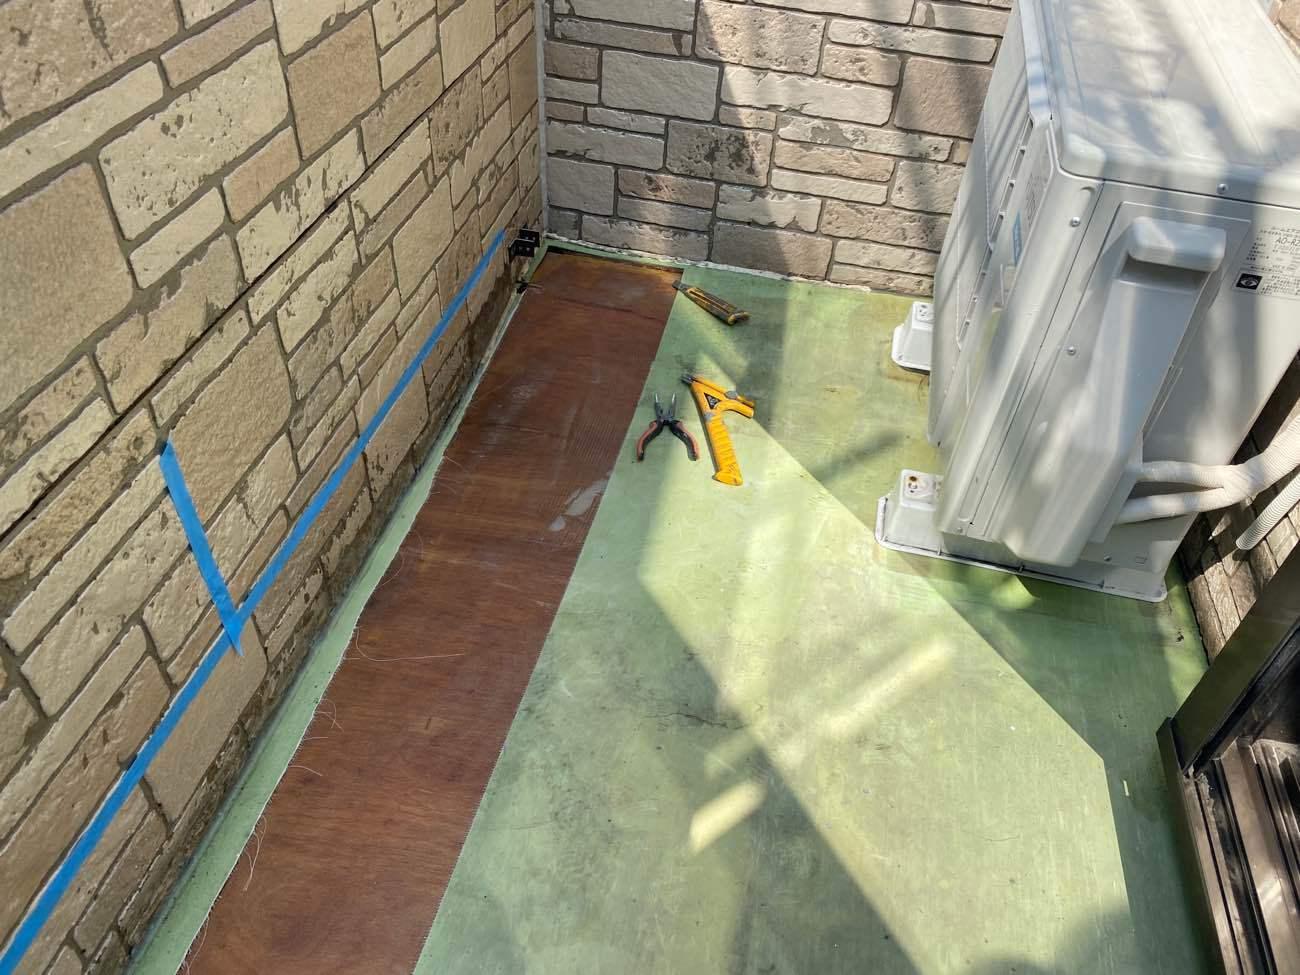 床シート剥がし調整 施工中